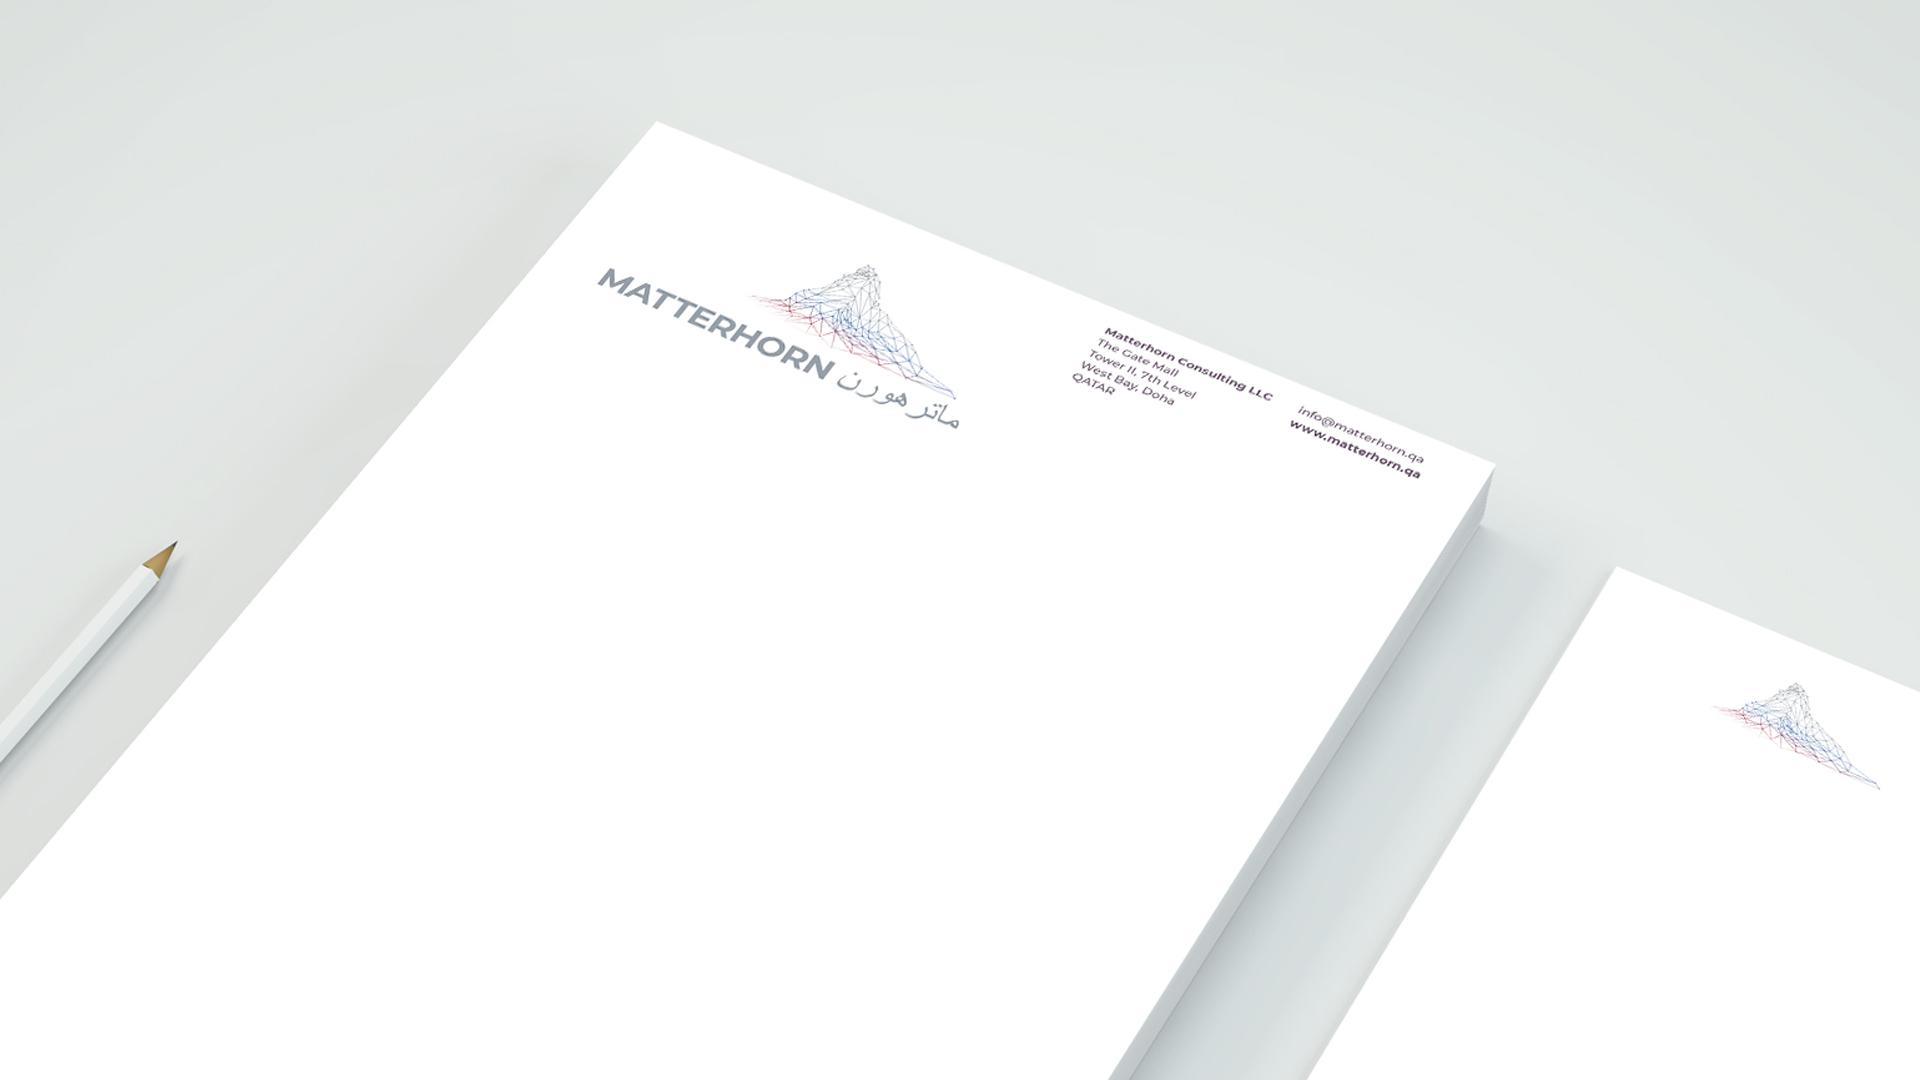 matterhorn stationery